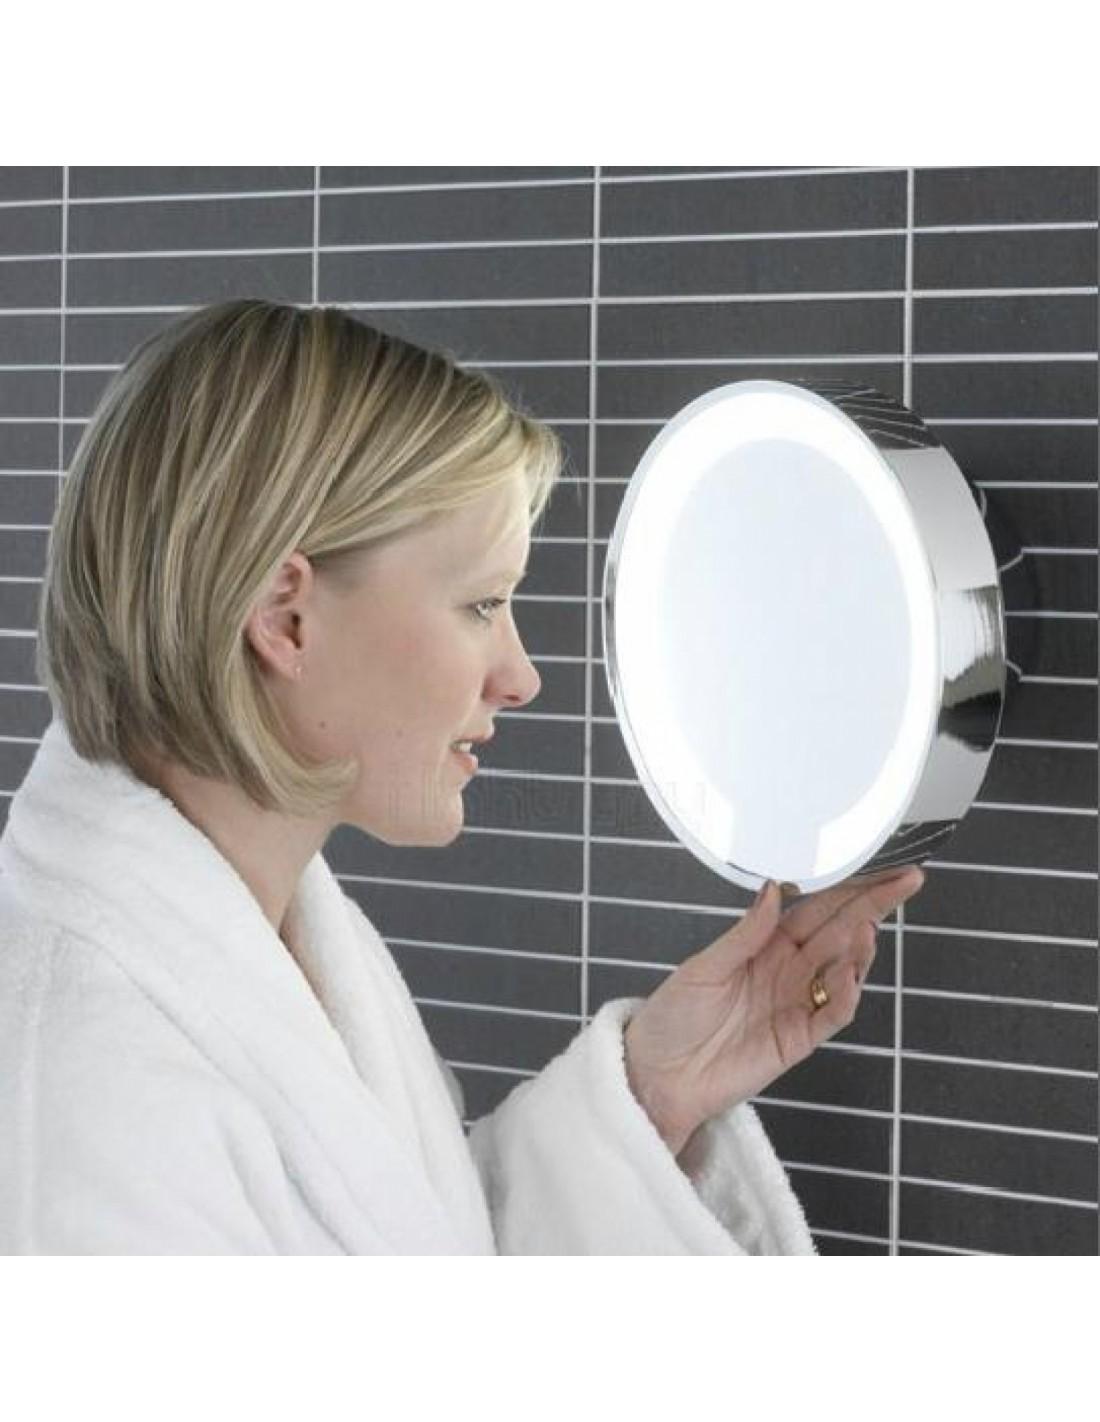 Mise en scène miroir catena LED chrome  grossissant lumineux astro lighting Valente Design